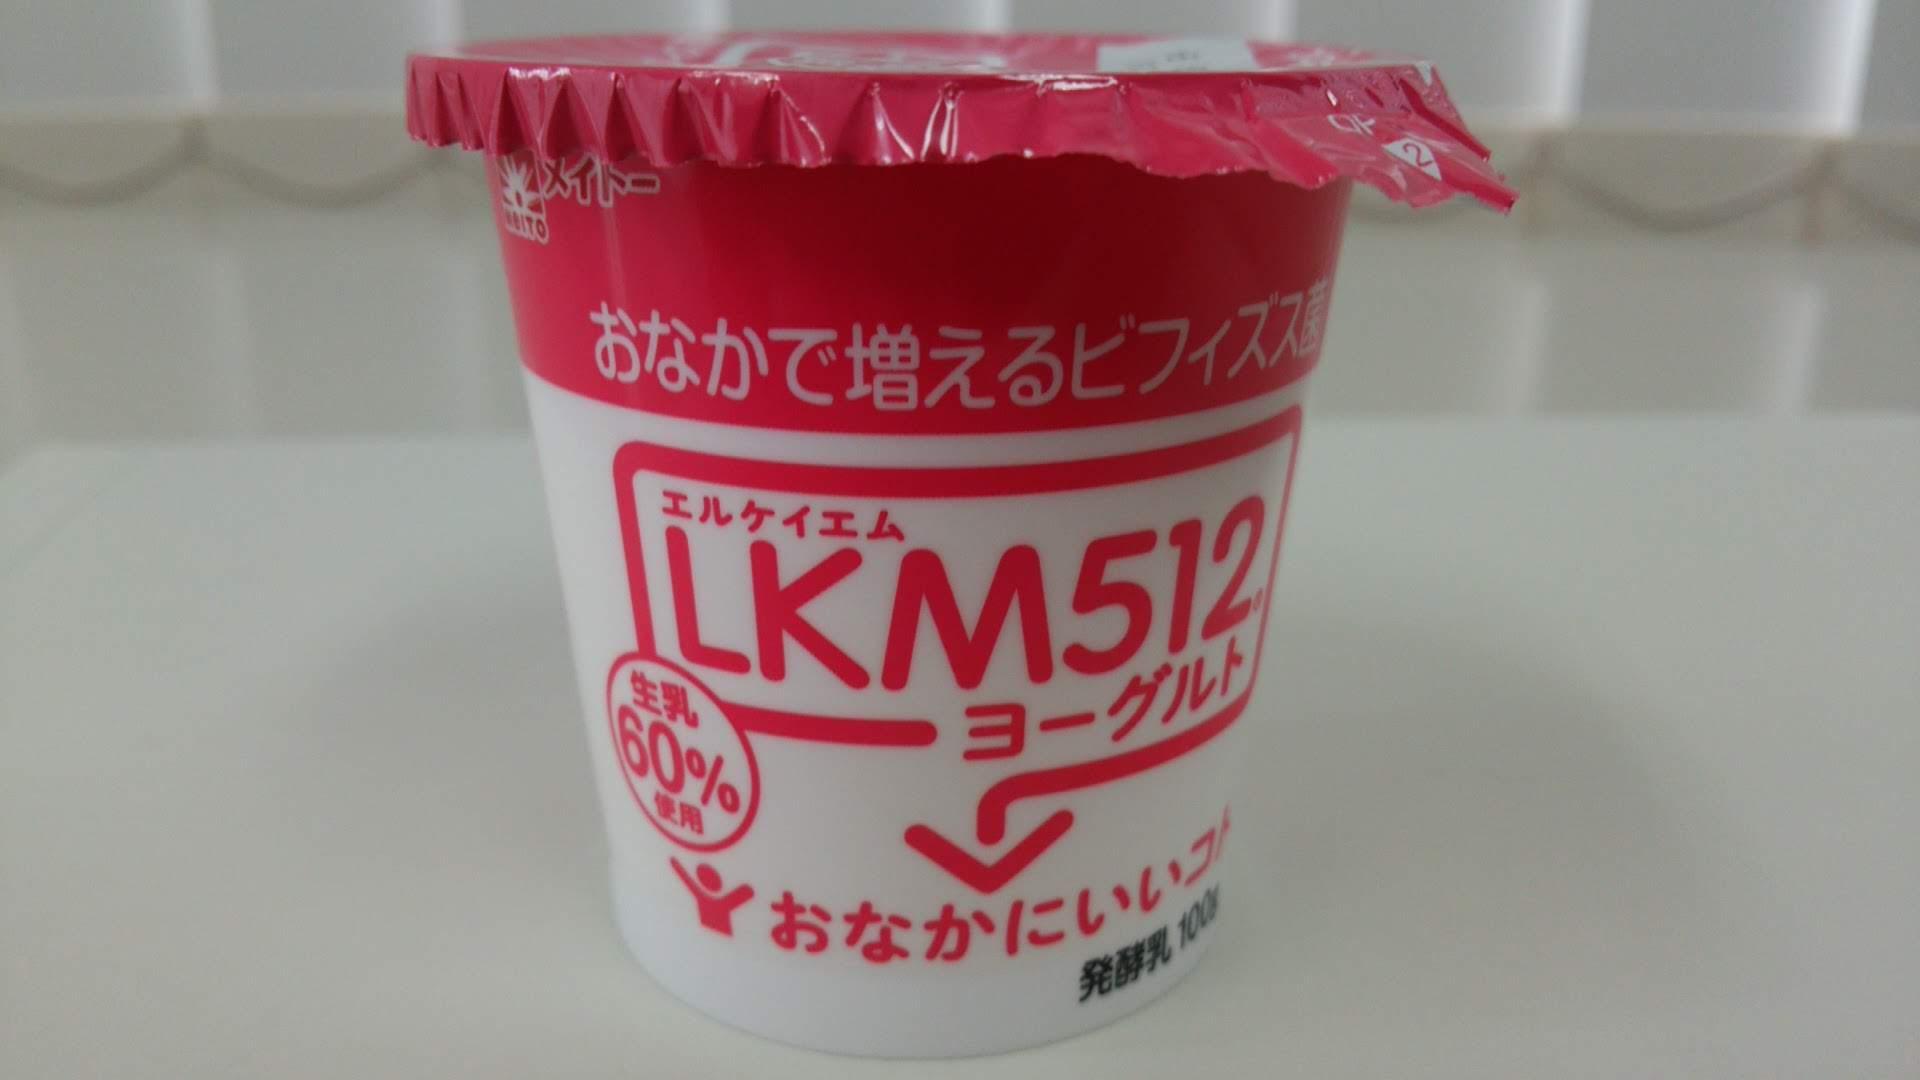 メイトー協同乳業【LKM512ヨーグルト】